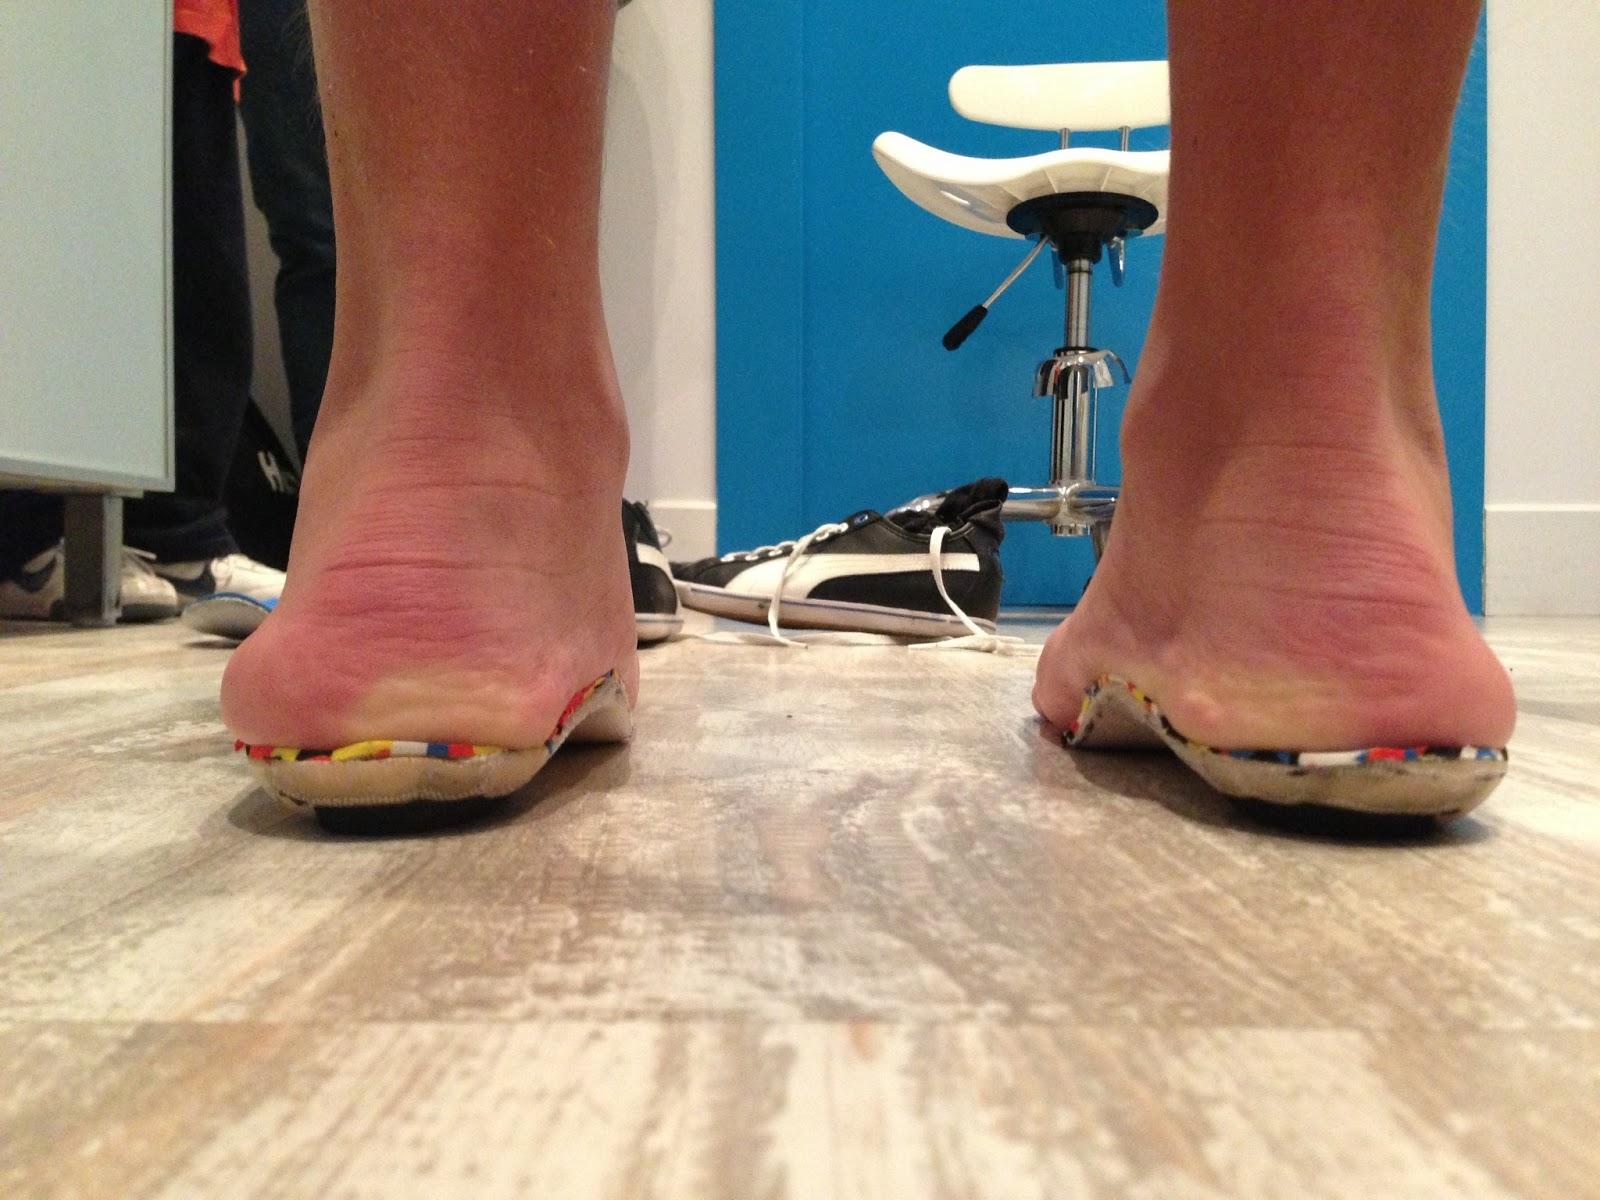 El pie de malaga estafa podol gica pies valgos genu for Operacion de pies